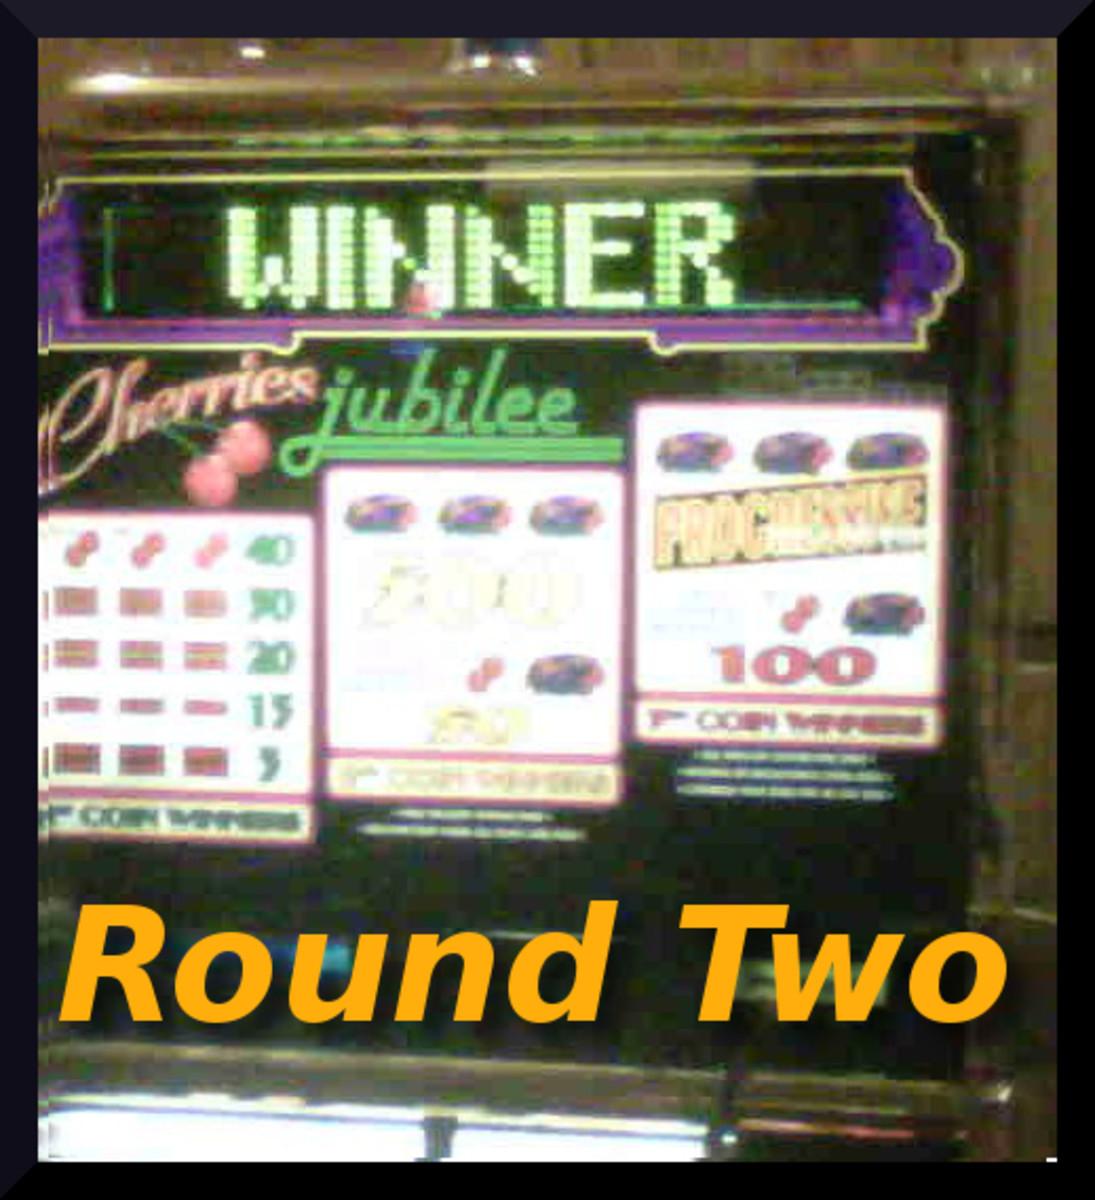 Club player casino $100 no deposit bonus codes 2020